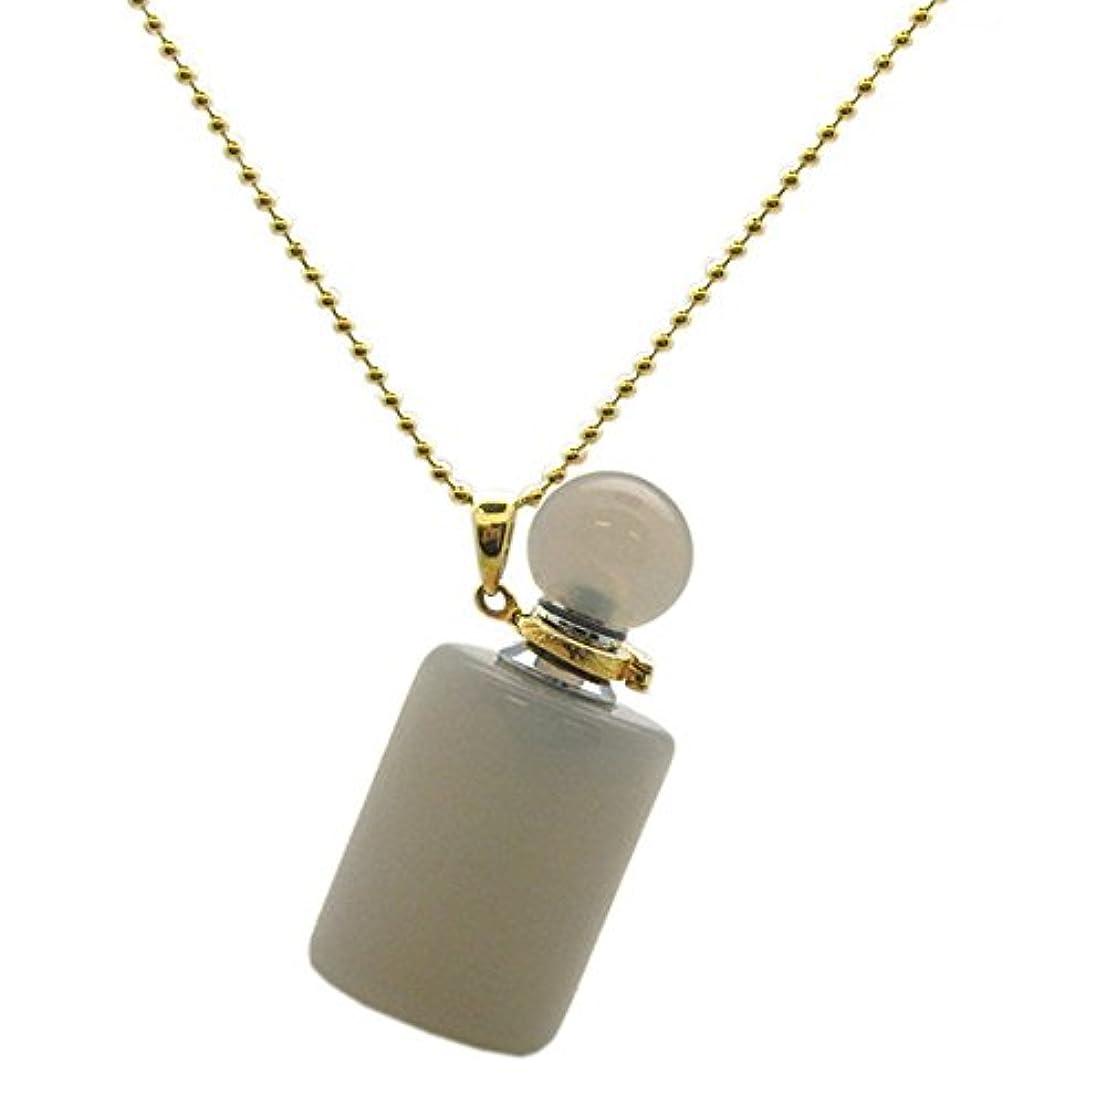 遅いブレンド頭蓋骨ケイトAvenue Gold over Sterling Silver Gemstone Aromatherapy Essential Oil Diffuserネックレス、香水とMosquito Repellentネックレス...